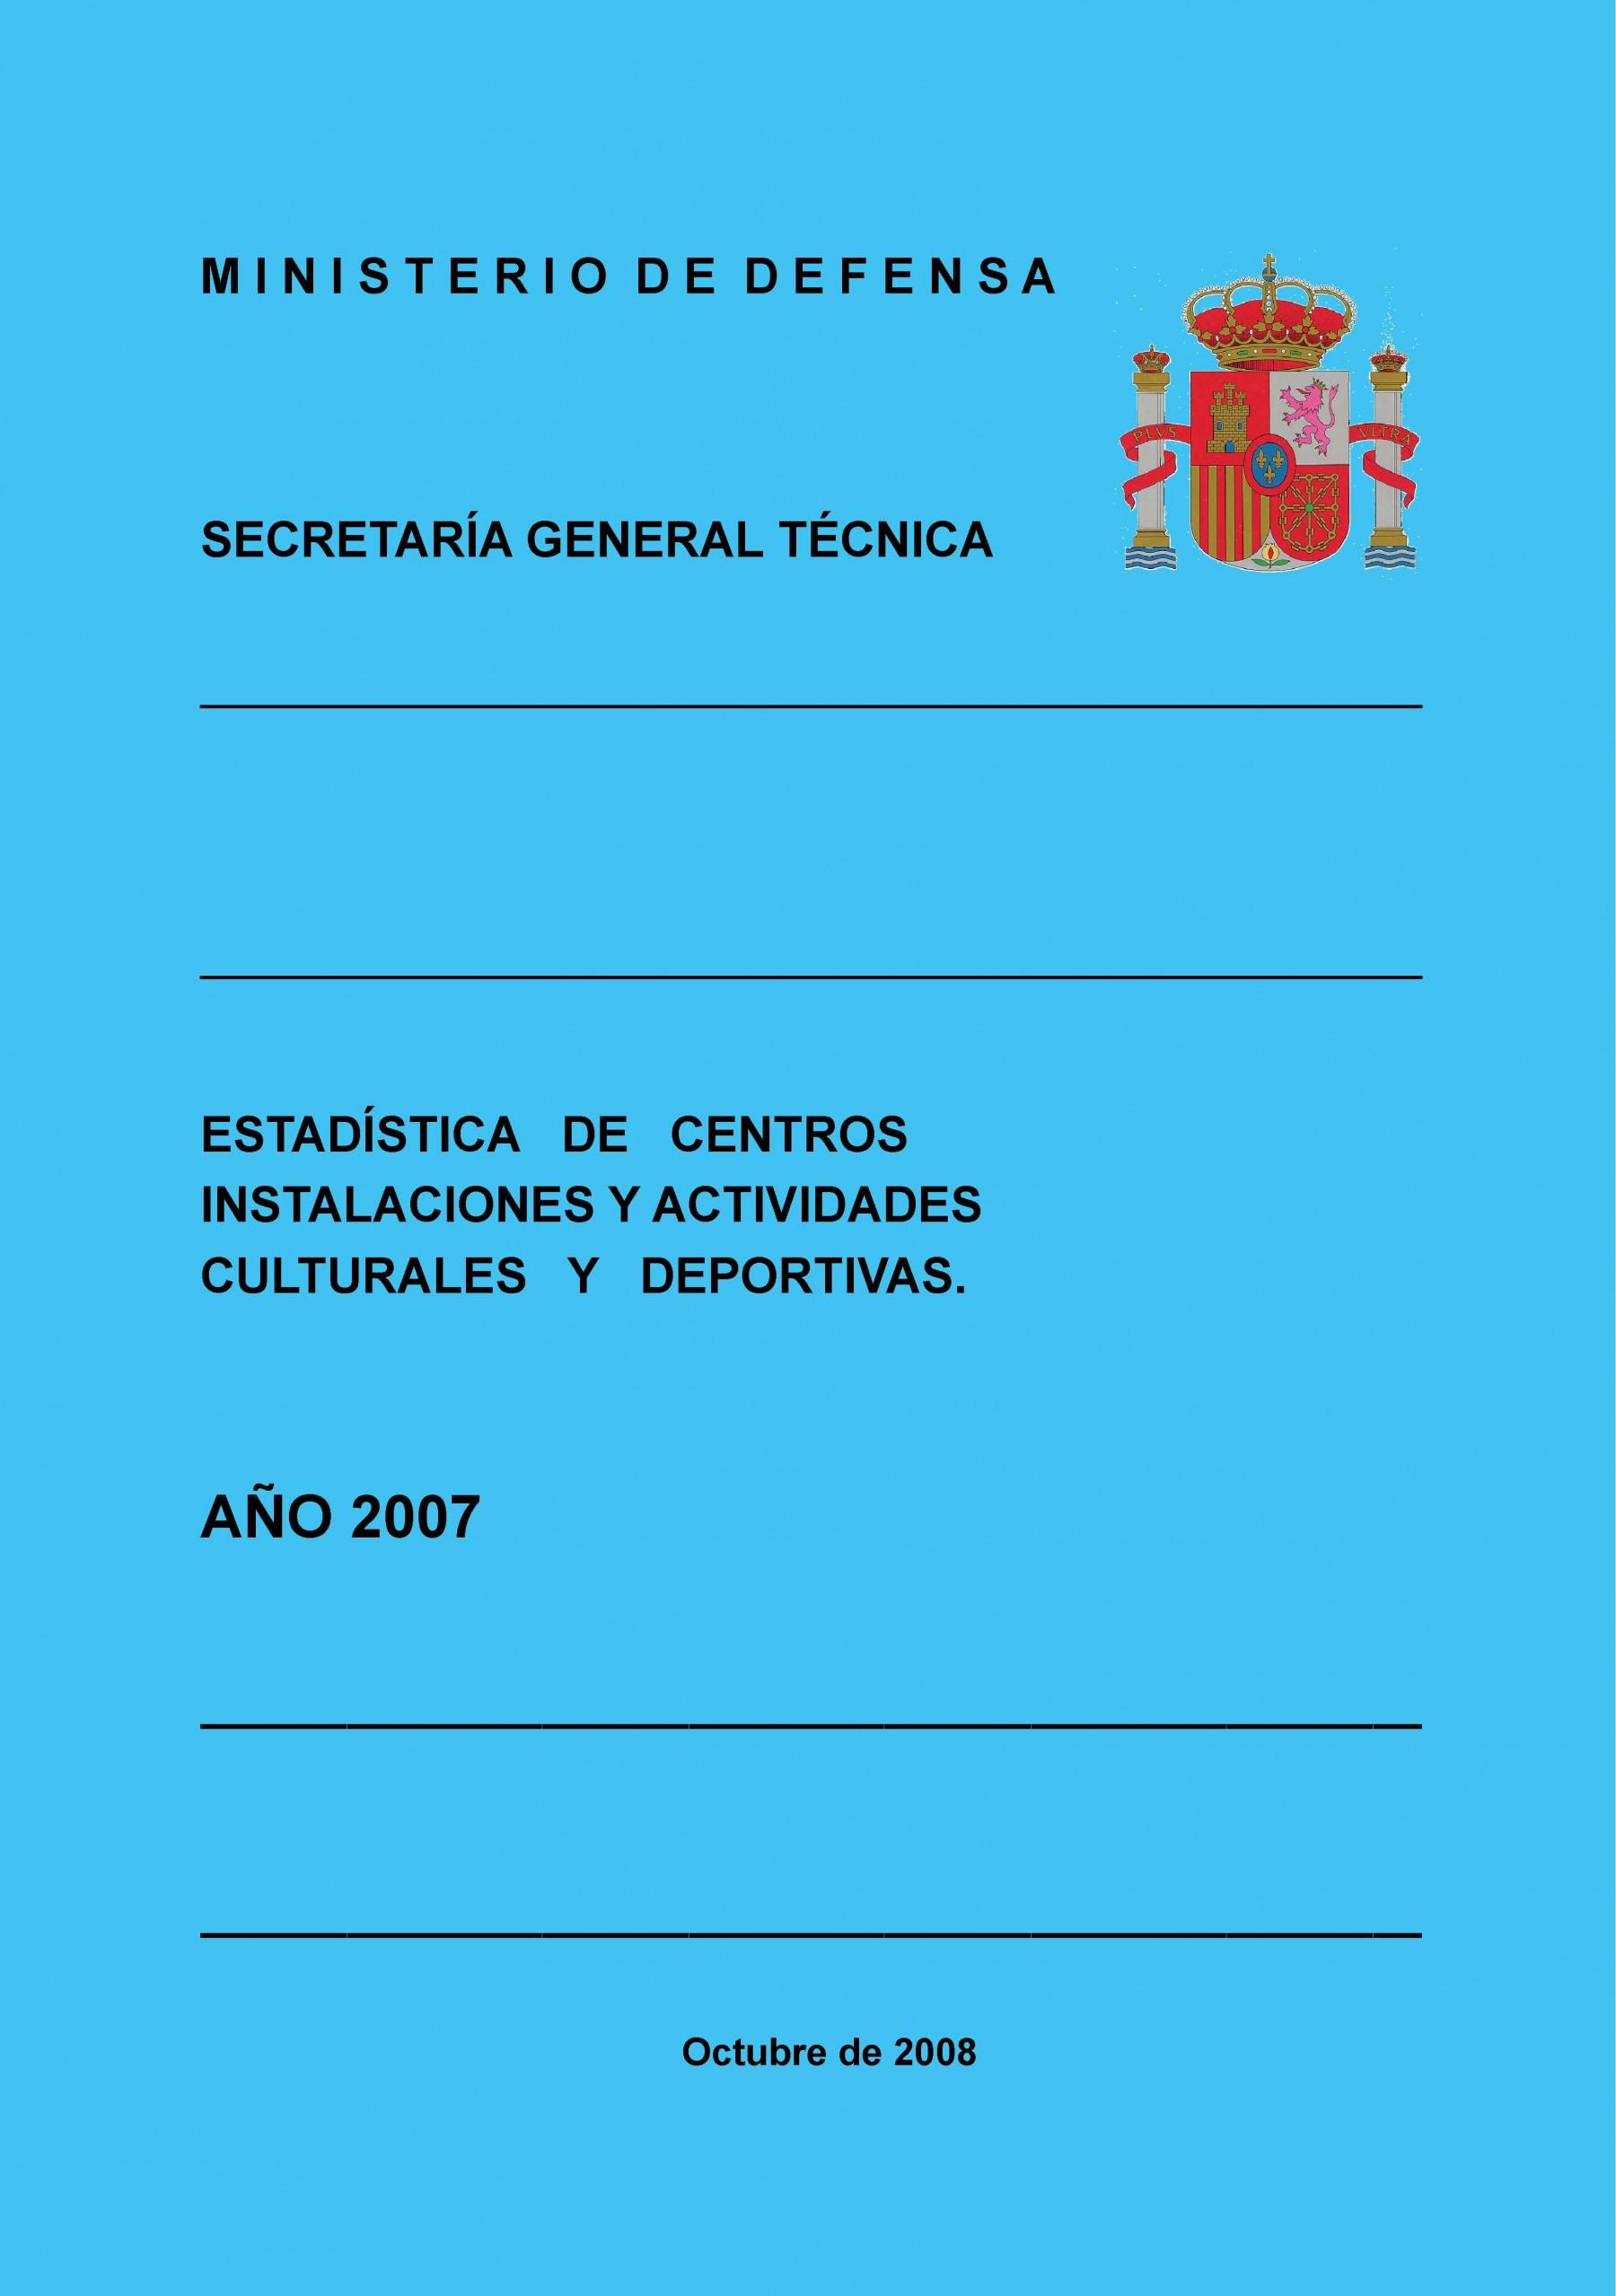 ESTADÍSTICA DE CENTROS, INSTALACIONES Y ACTIVIDADES CULTURALES Y DEPORTIVAS 2007